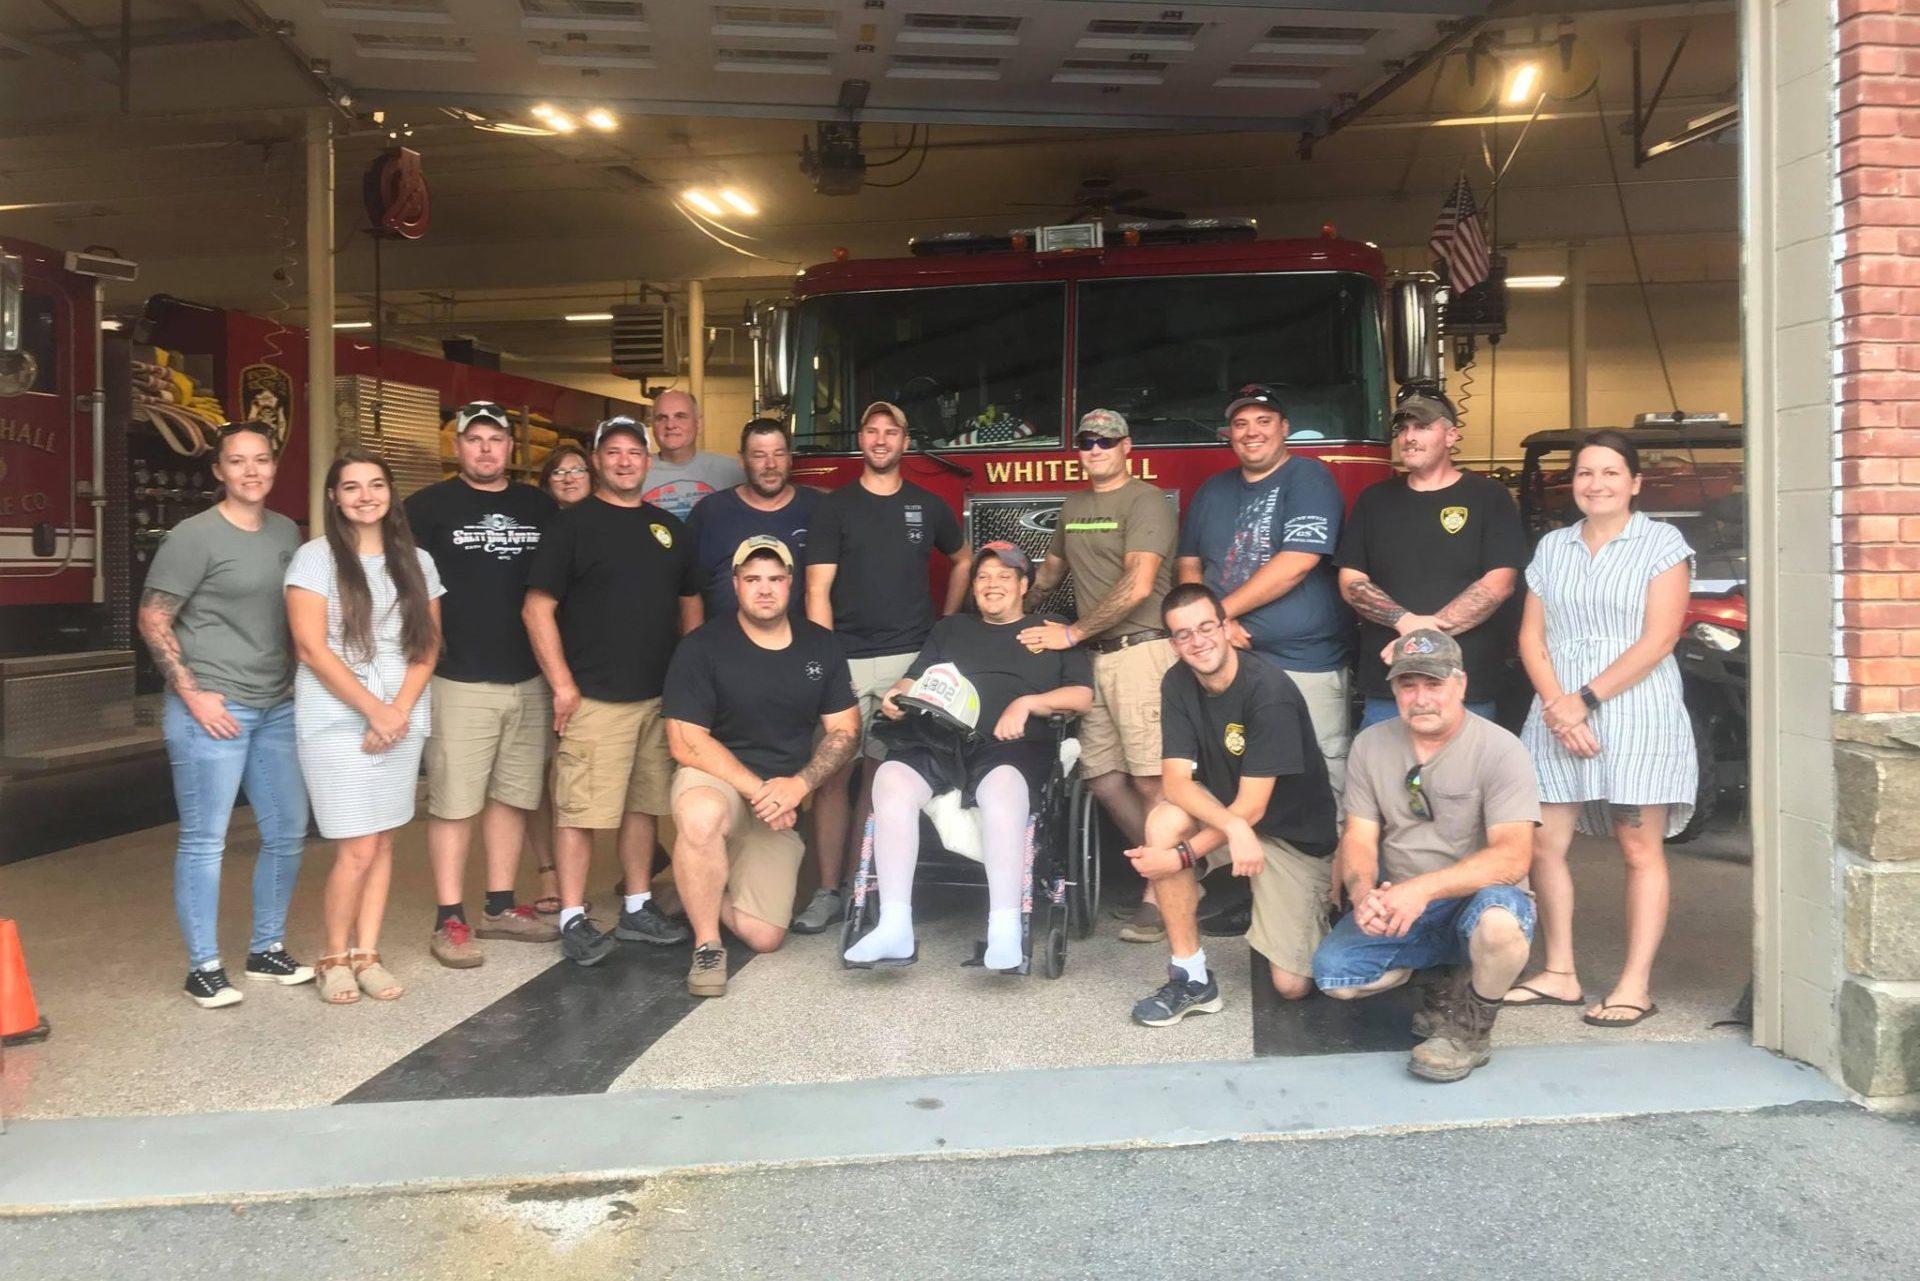 Firemen upset over worker's comp denial